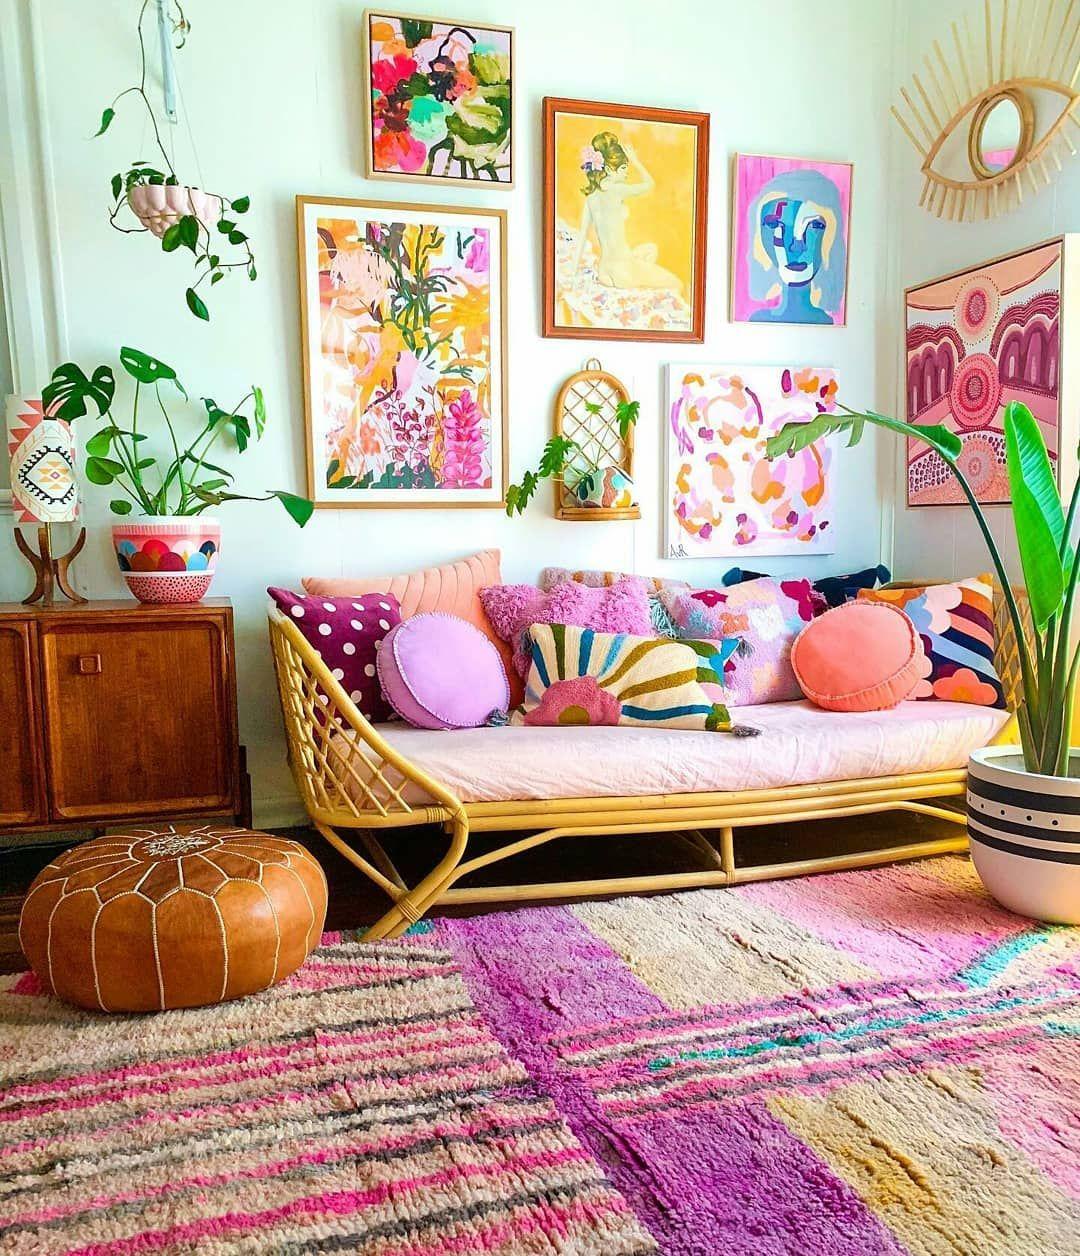 Bazen her şey sararıp solar biz hep renga rengarenk 💚💜💛 #rengarenk #dekorasyonfikirleri #dekorasyonönerileri #colorful #inspiration #decorideas #decoraçãodeinteriores